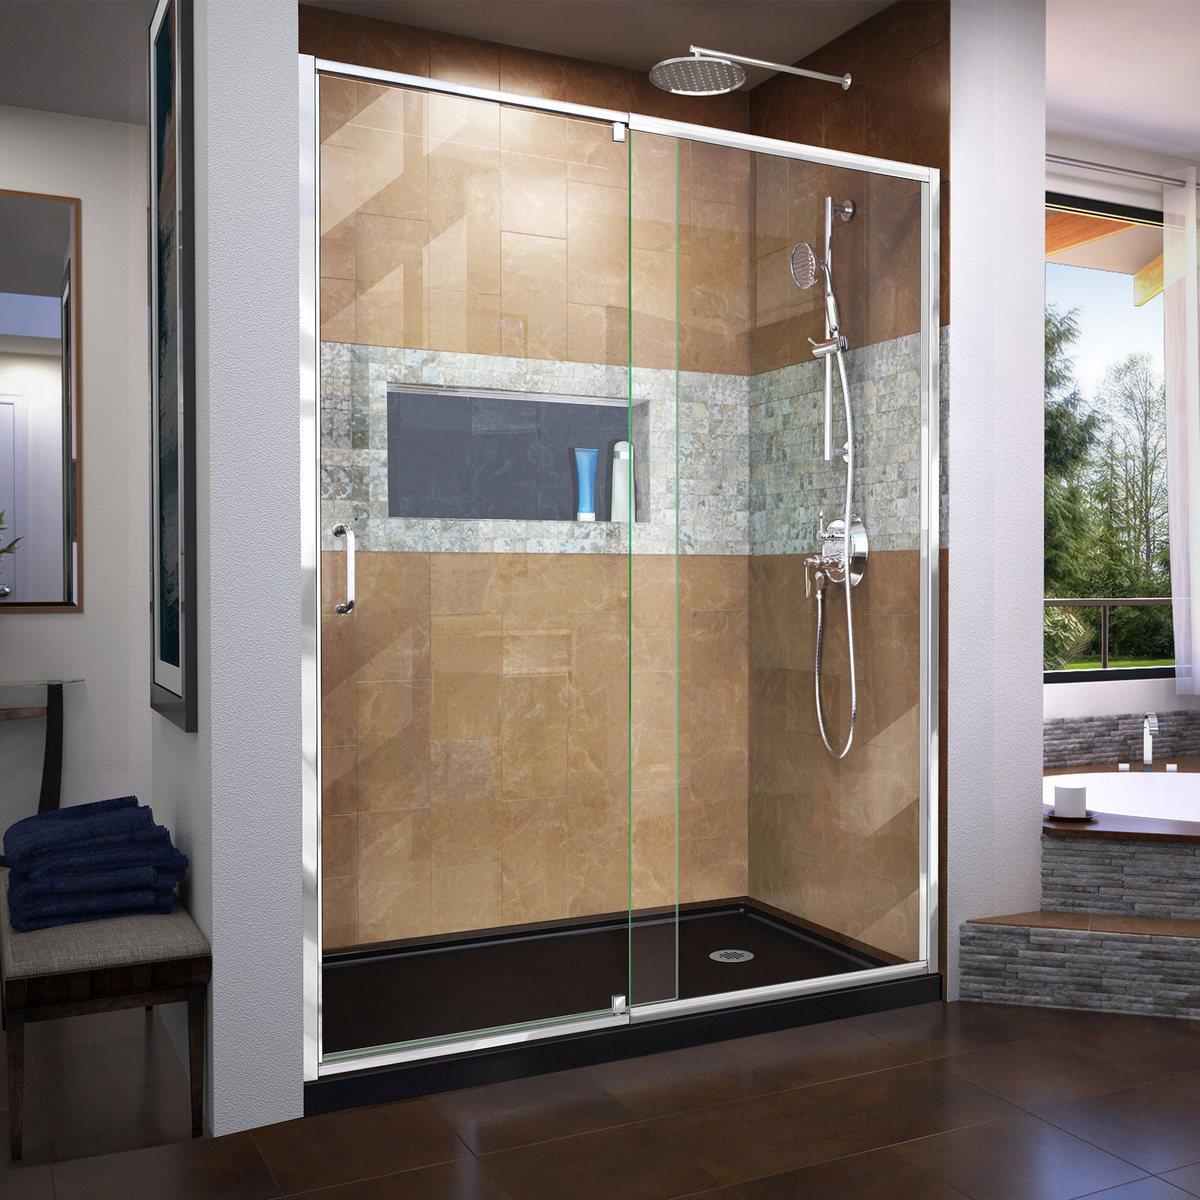 Dreamline Frameless Pivot Shower Door Chrome Right Drain Black Base Kit